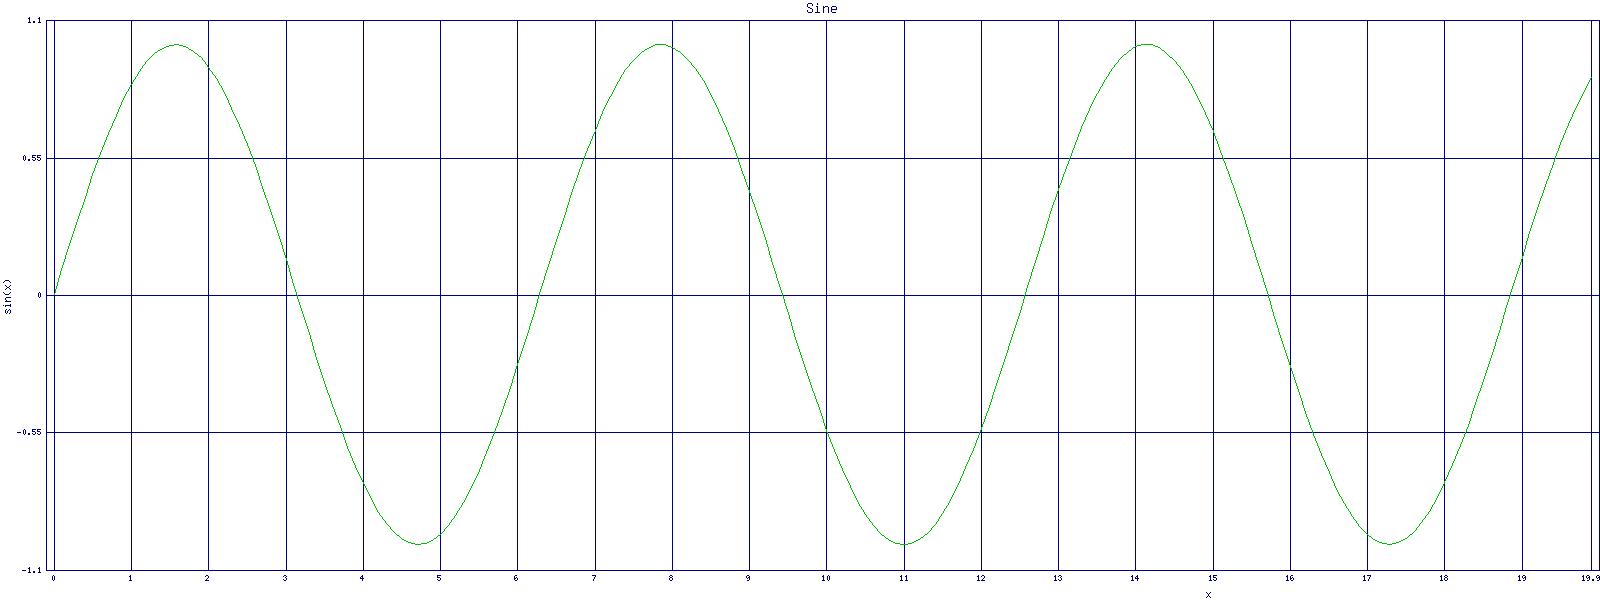 Diagramme in Perl mit GD zeichnen – ascii_ch